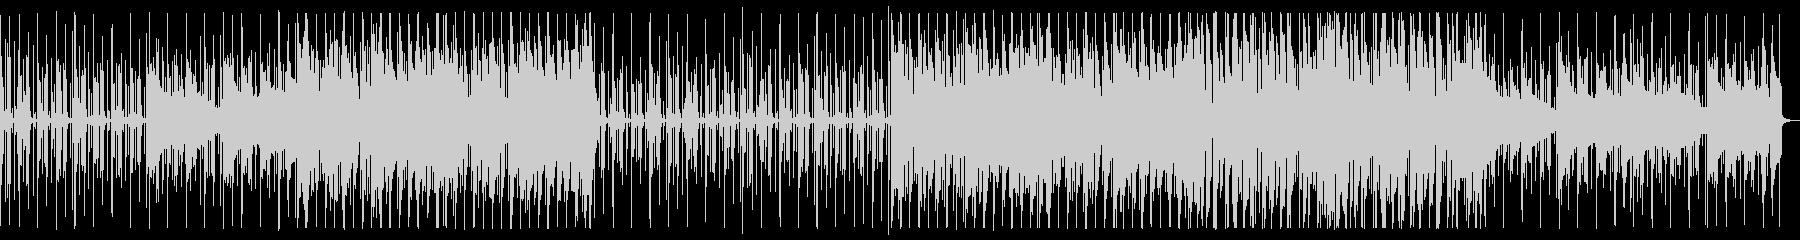 ラウンジミュージック_No670_1の未再生の波形